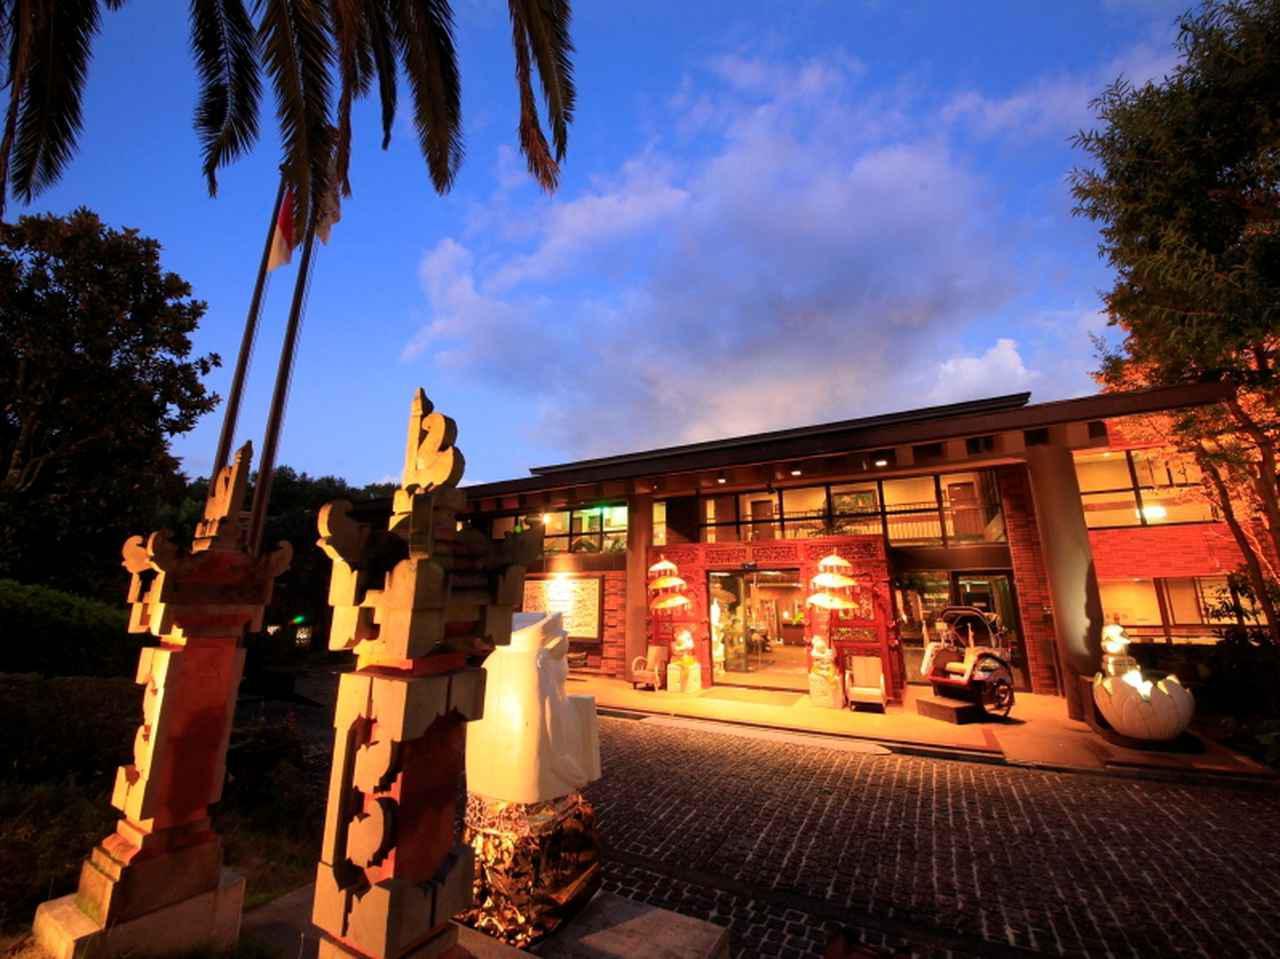 画像2: 【静岡】バリさながらの南国情緒と温泉に癒される「アンダリゾート伊豆高原」